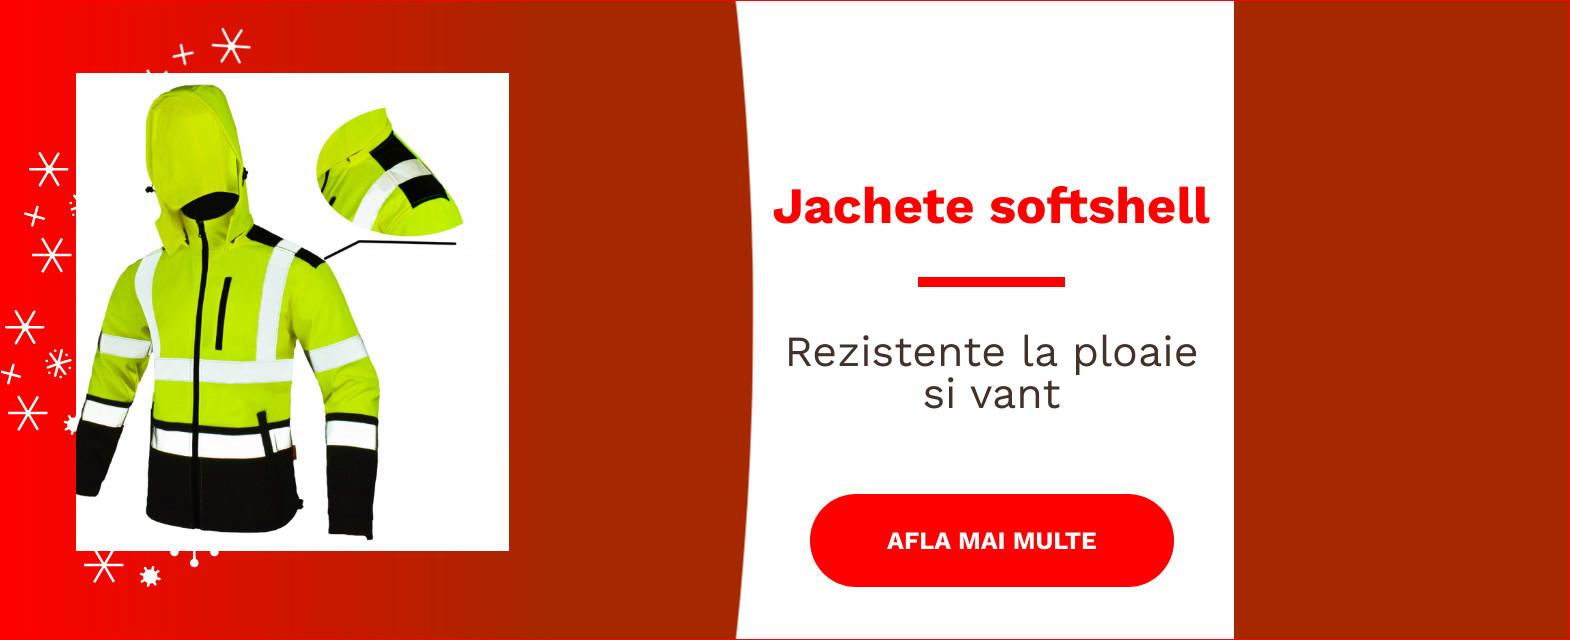 Jachete softshell